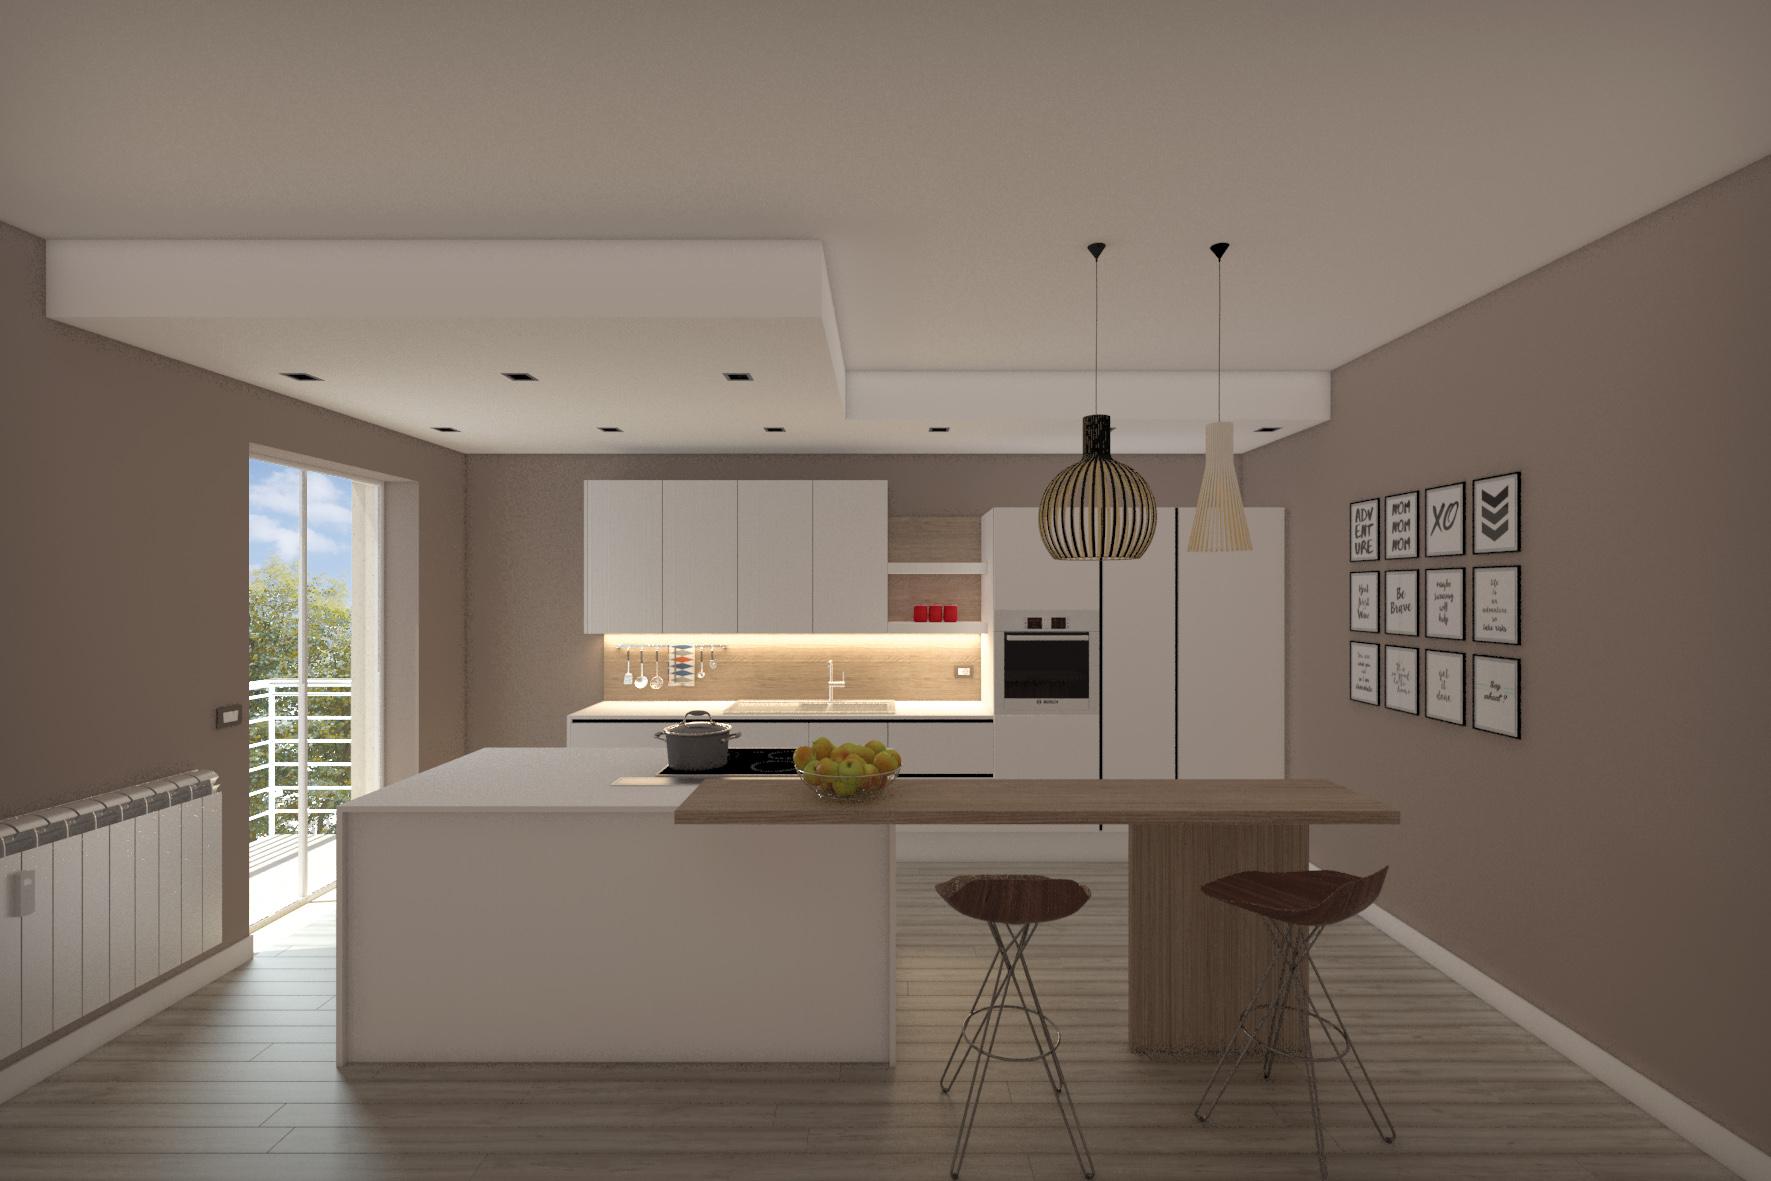 Progetto cucina - [FINAL] Architettura e Interior Design - Treddi.com - Il portale italiano ...